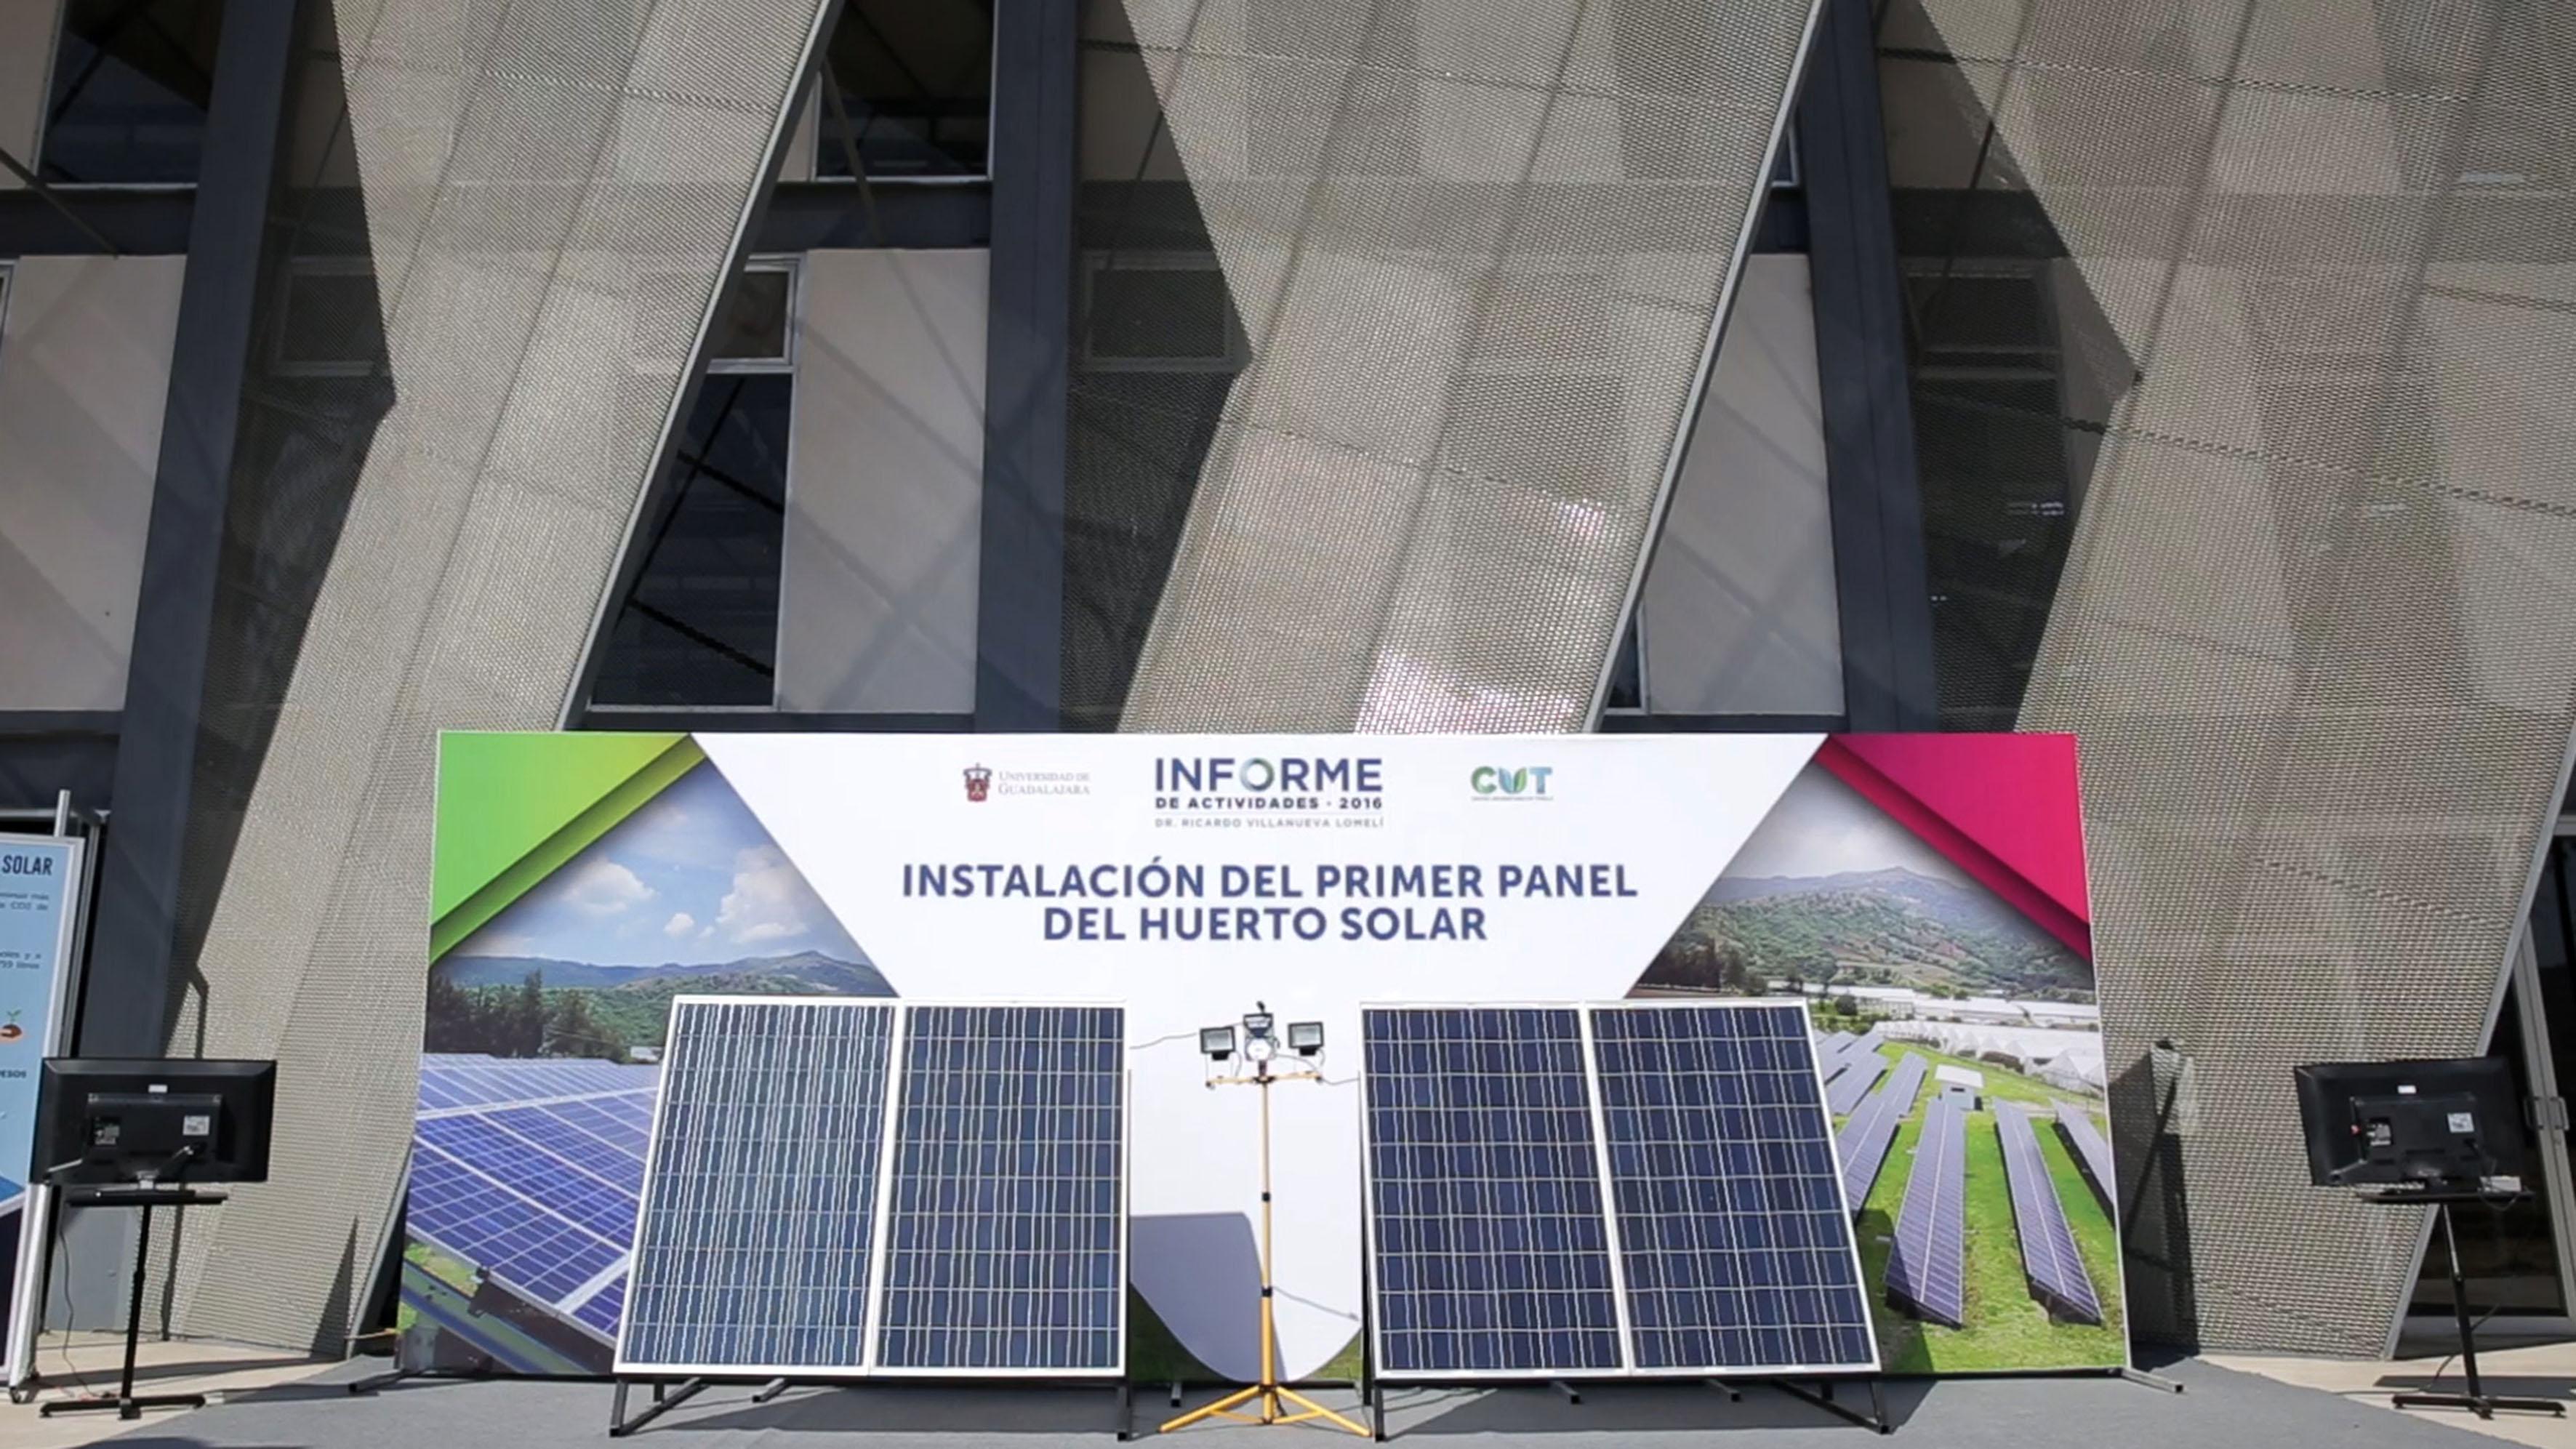 Acto inaugural de la Instalación del huerto solar, en el Centro Universitario de Tonalá (CUTonalá).